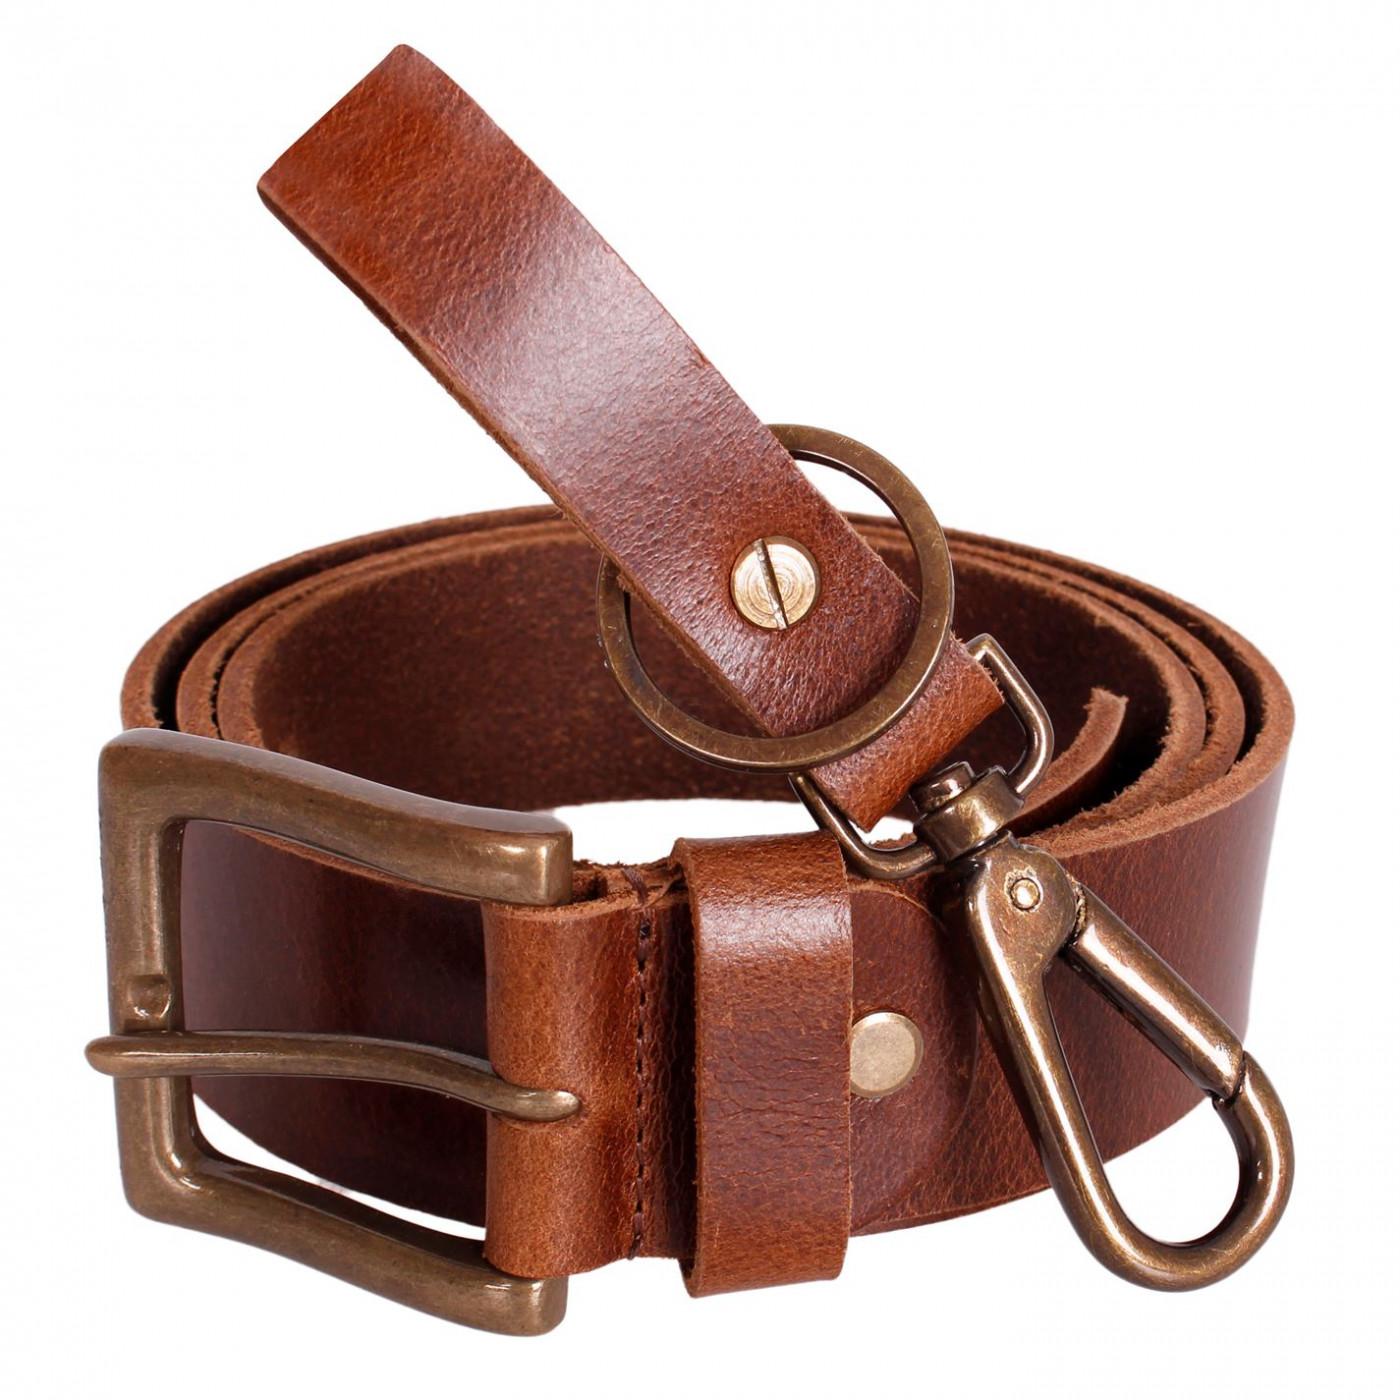 Kangol Vintage Belt Gift Set